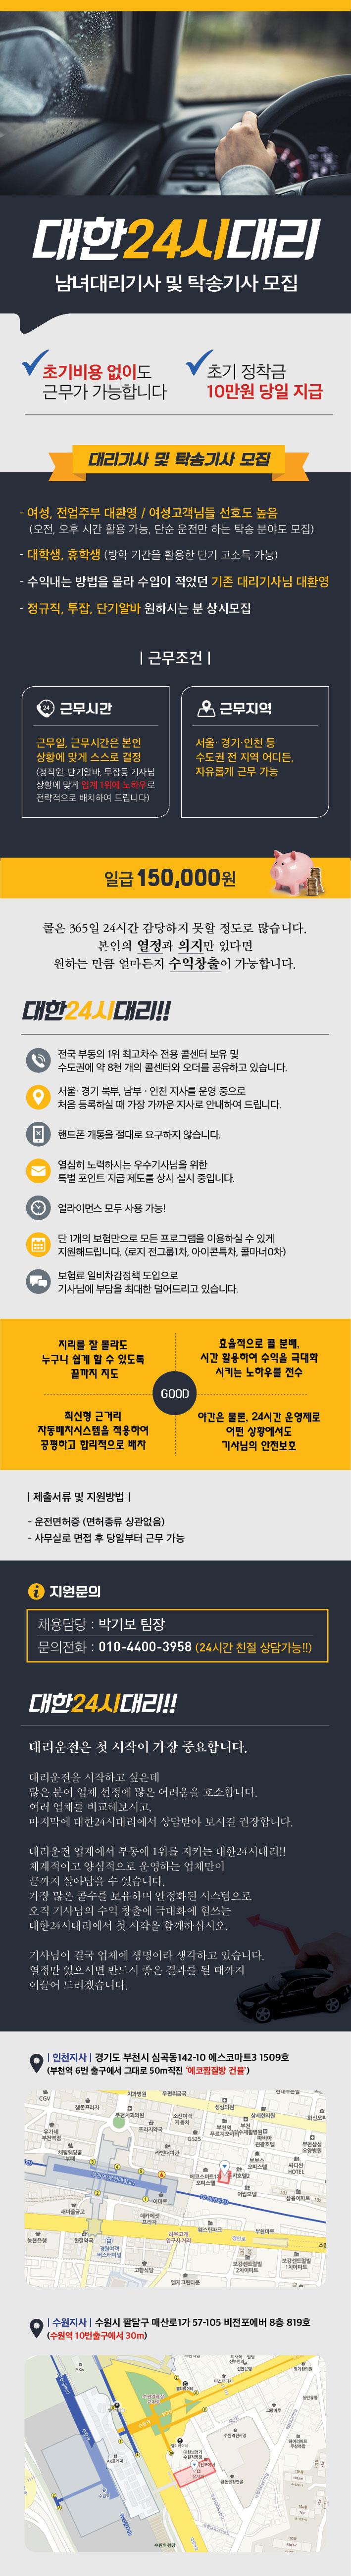 대리운전 업계1위, 인천대리운전&수원대리운전, 대리&탁송기사 모집